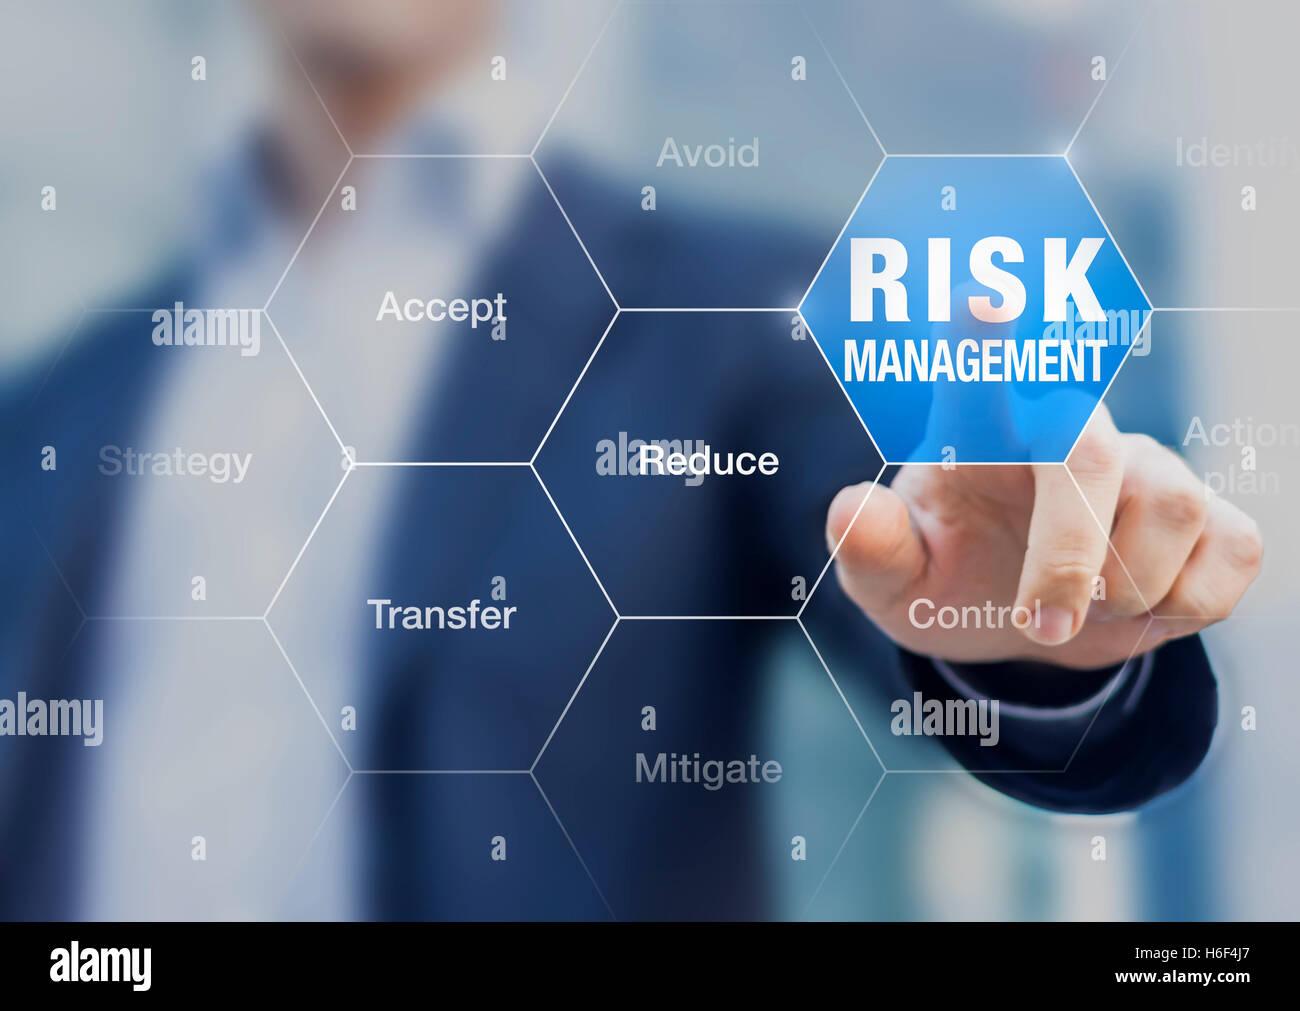 Imprenditore puntando verso la gestione del rischio concetto sullo schermo Immagini Stock